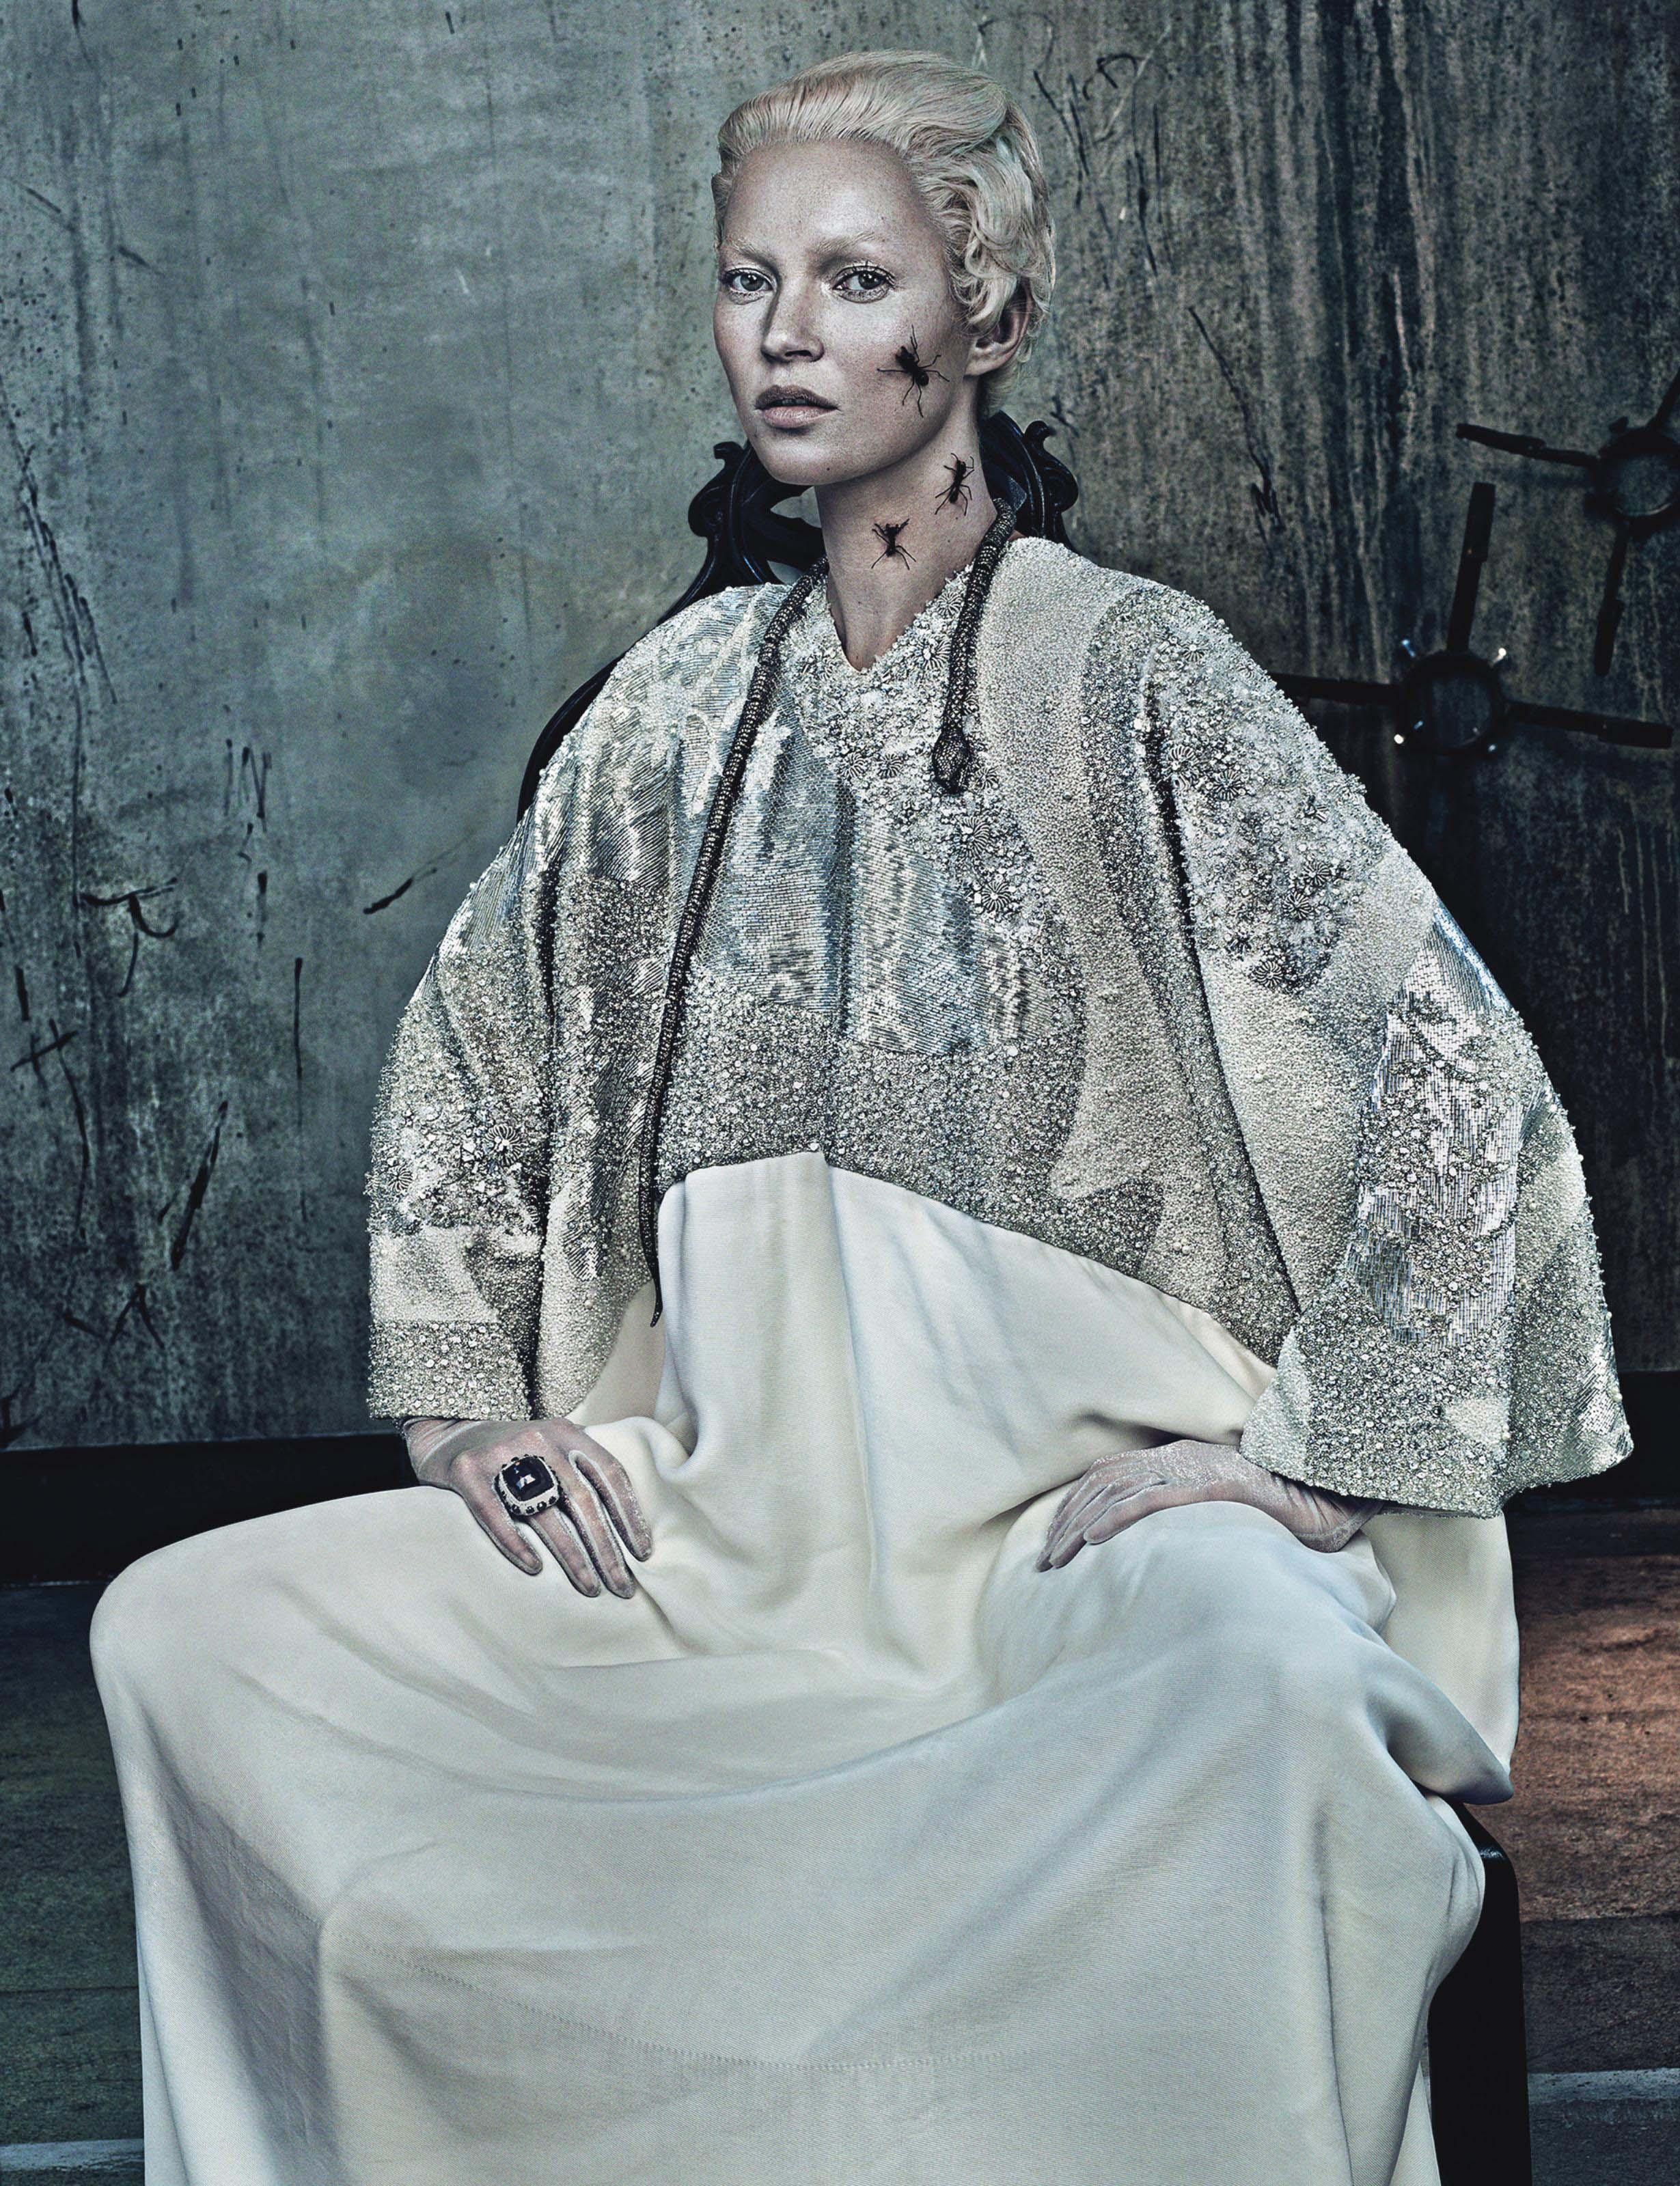 Kate Moss - Study #4, 2011